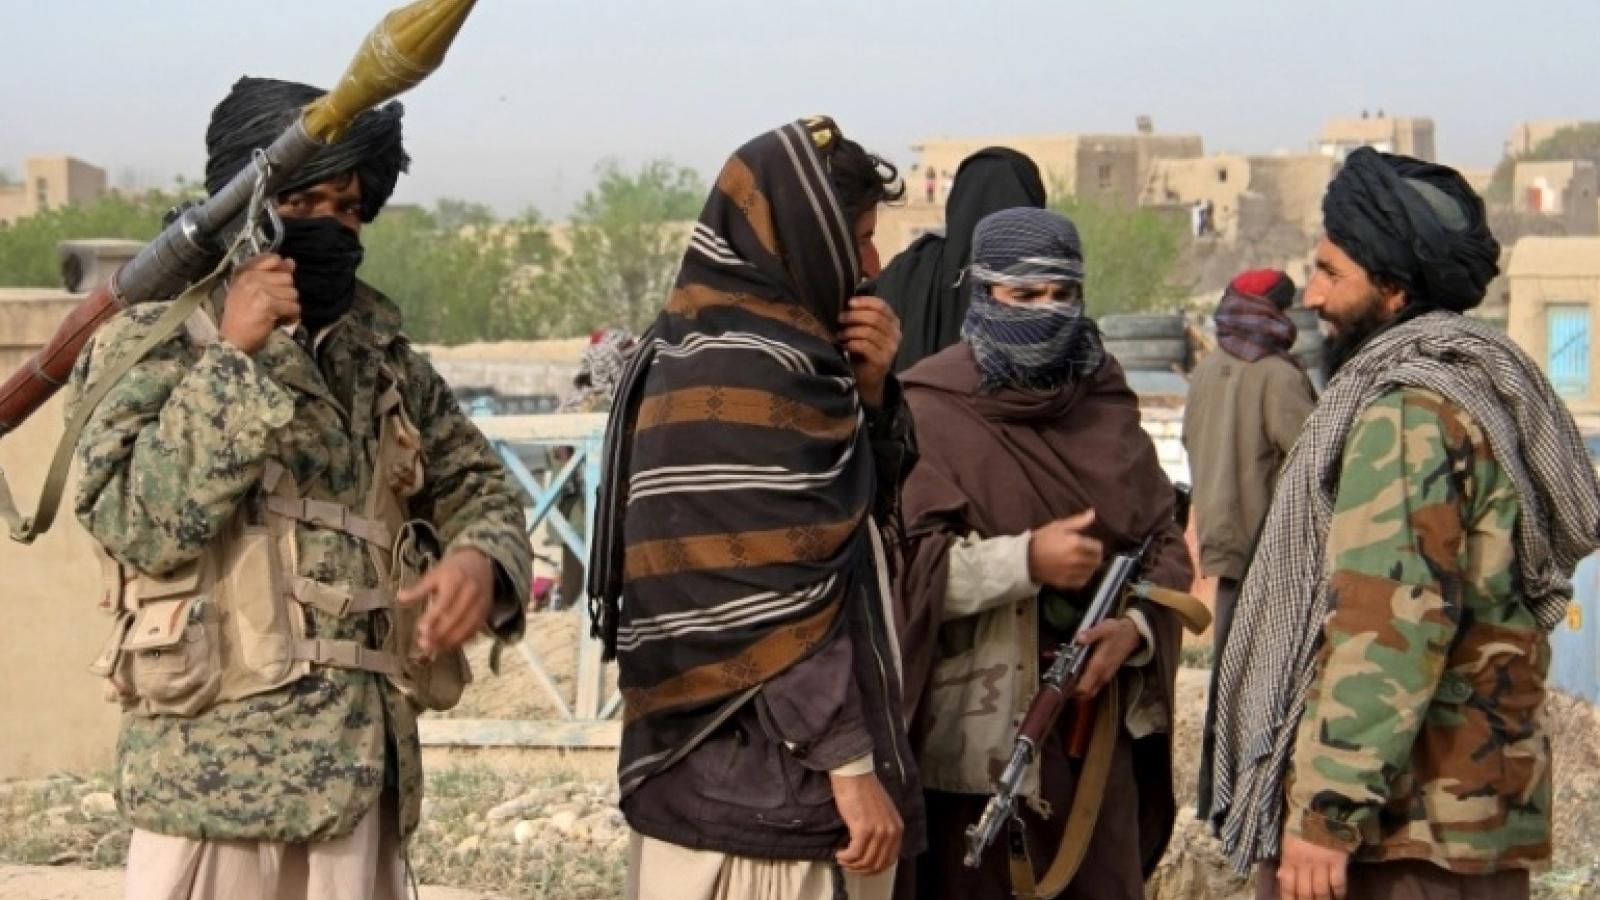 Taliban tiến gần tới cửa ngõ thủ đô - Afghanistan đứng trước bướcngoặt nguy hiểm